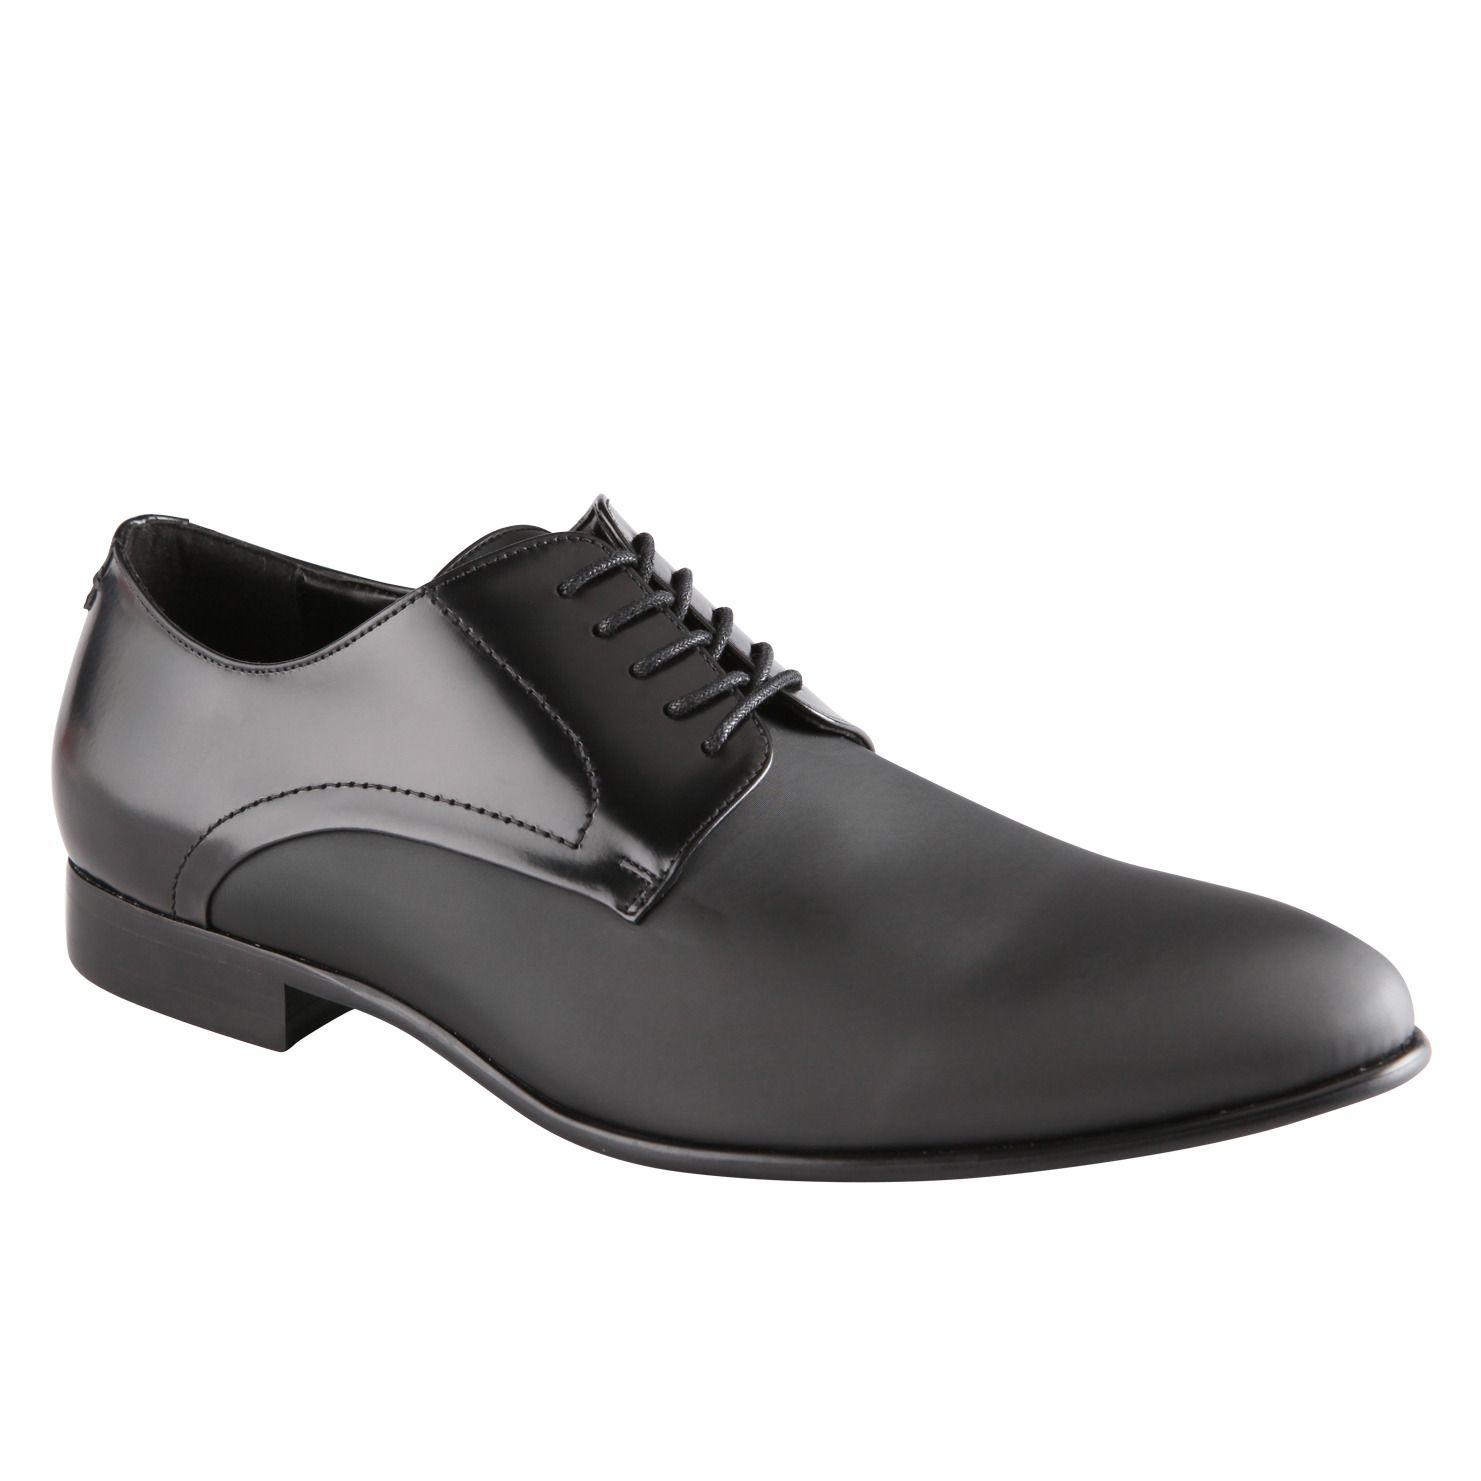 Bridal Shoes Aldo: Men's Wedding Shoes, Dress Shoes